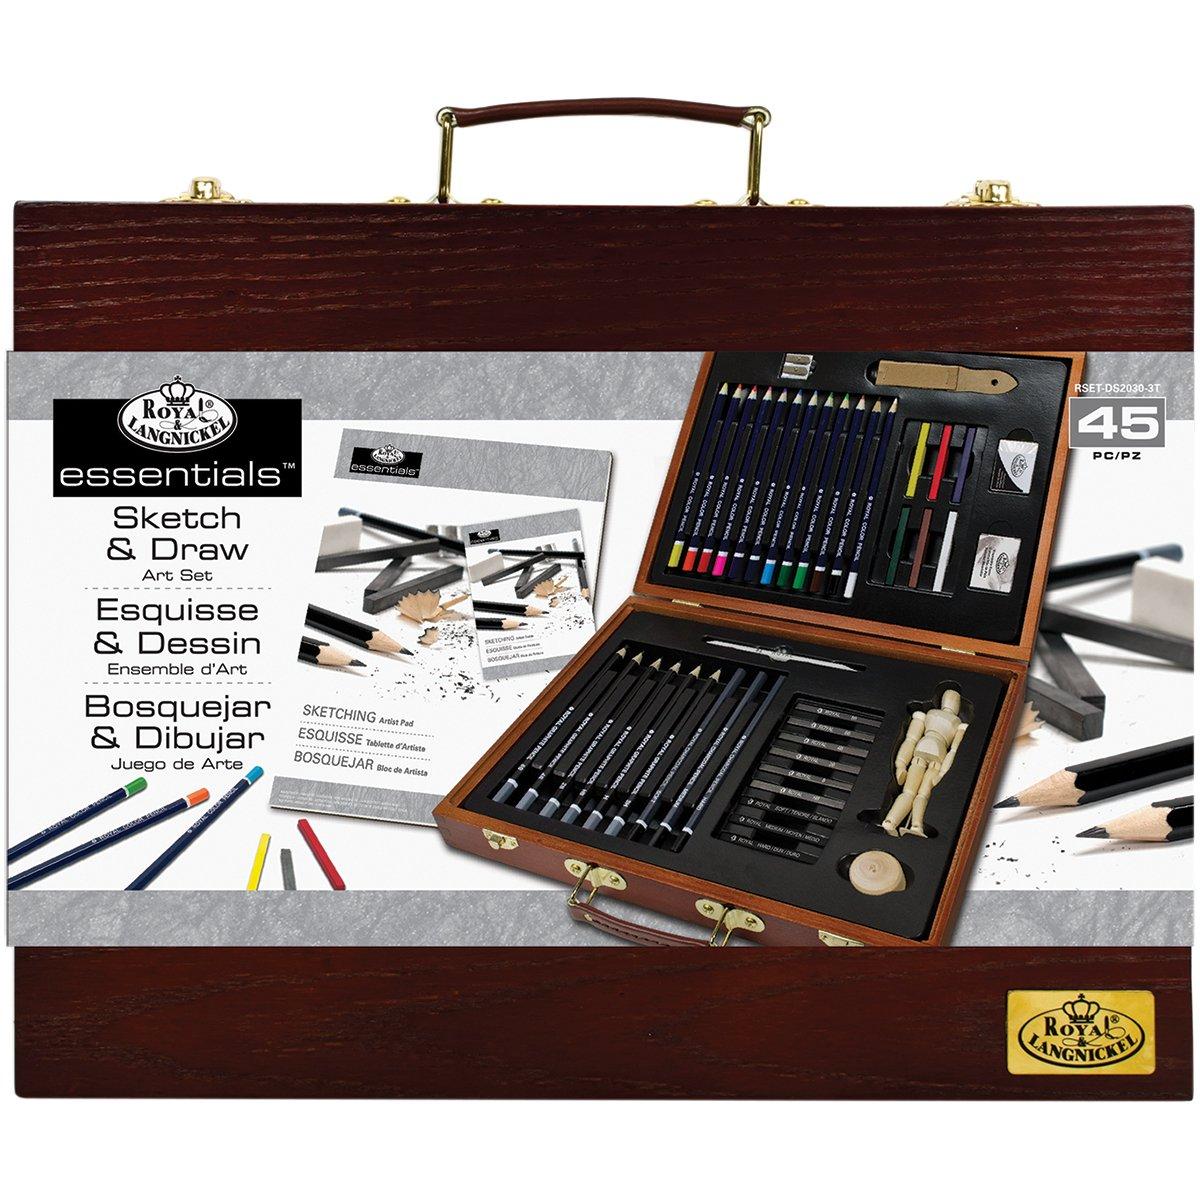 Royal & Langnickel Essentials, set per artisti da 45 pezzi in scatola di legno, per schizzi e disegni set per artisti da 45pezzi in scatola di legno Royal Brush RSET-DS2030